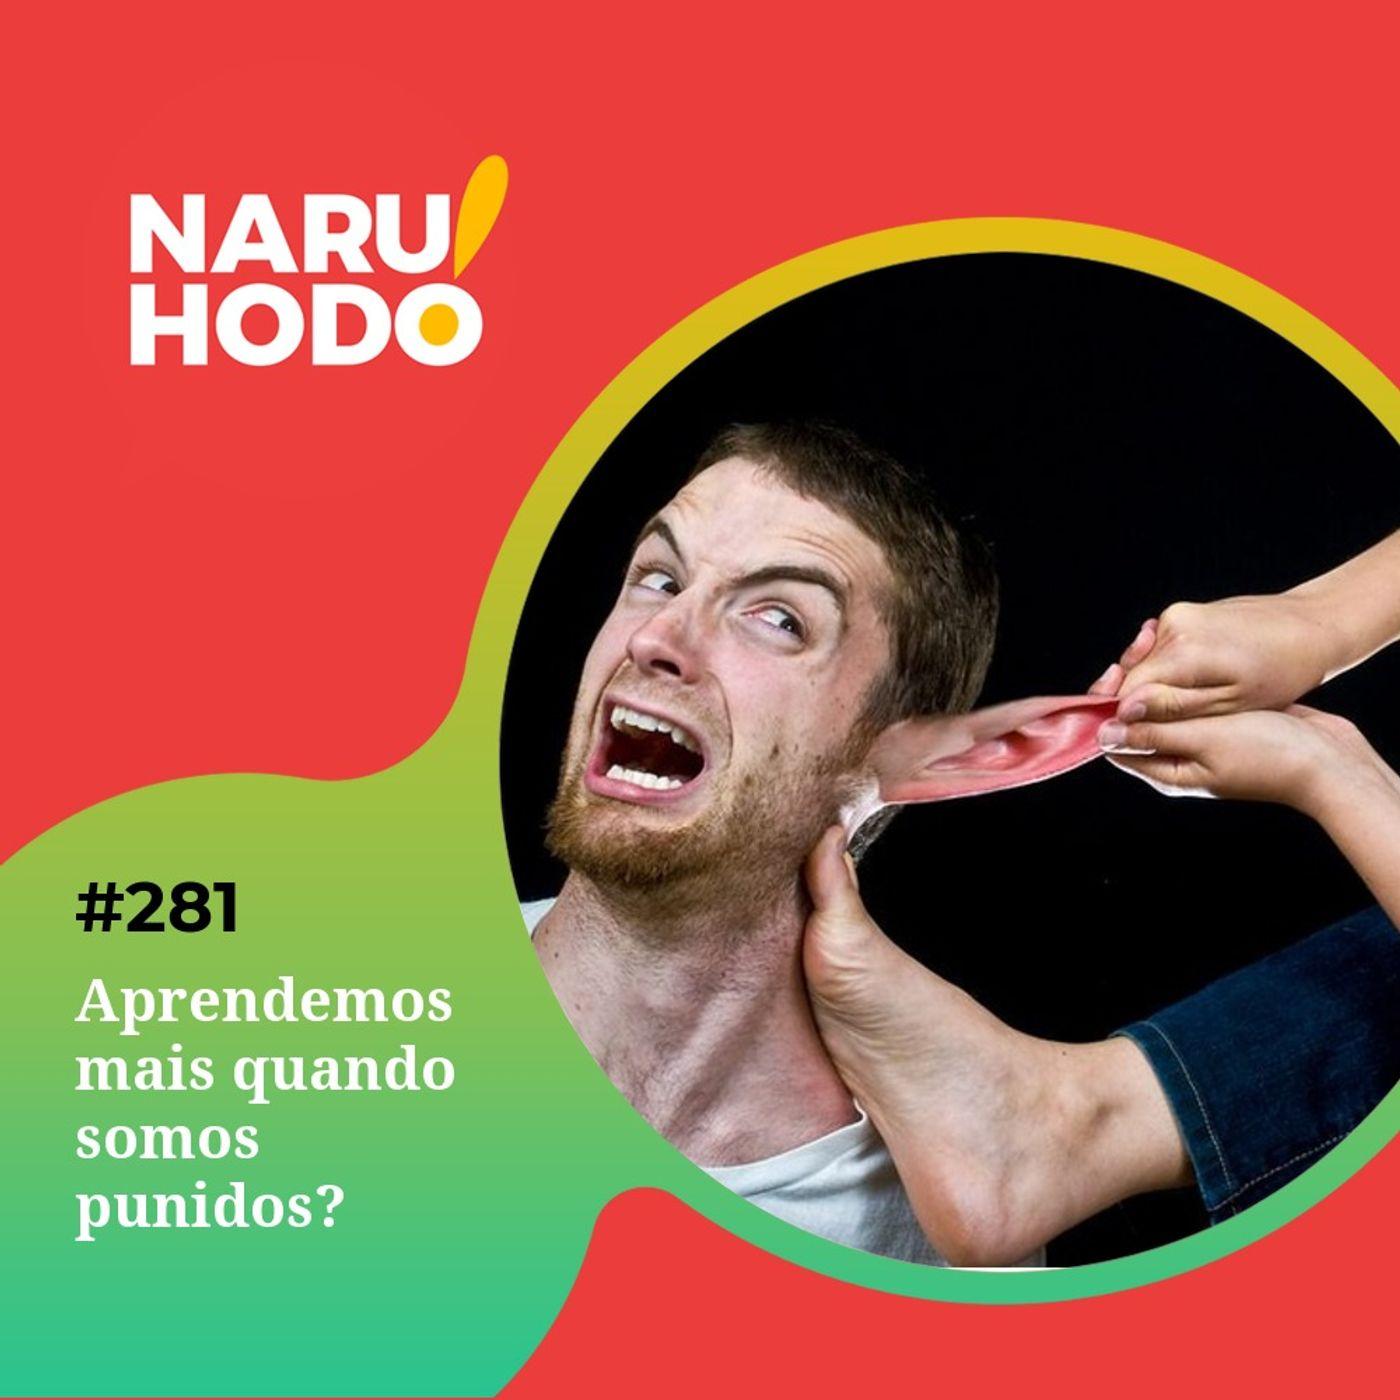 Naruhodo #281 - Aprendemos mais quando somos punidos?